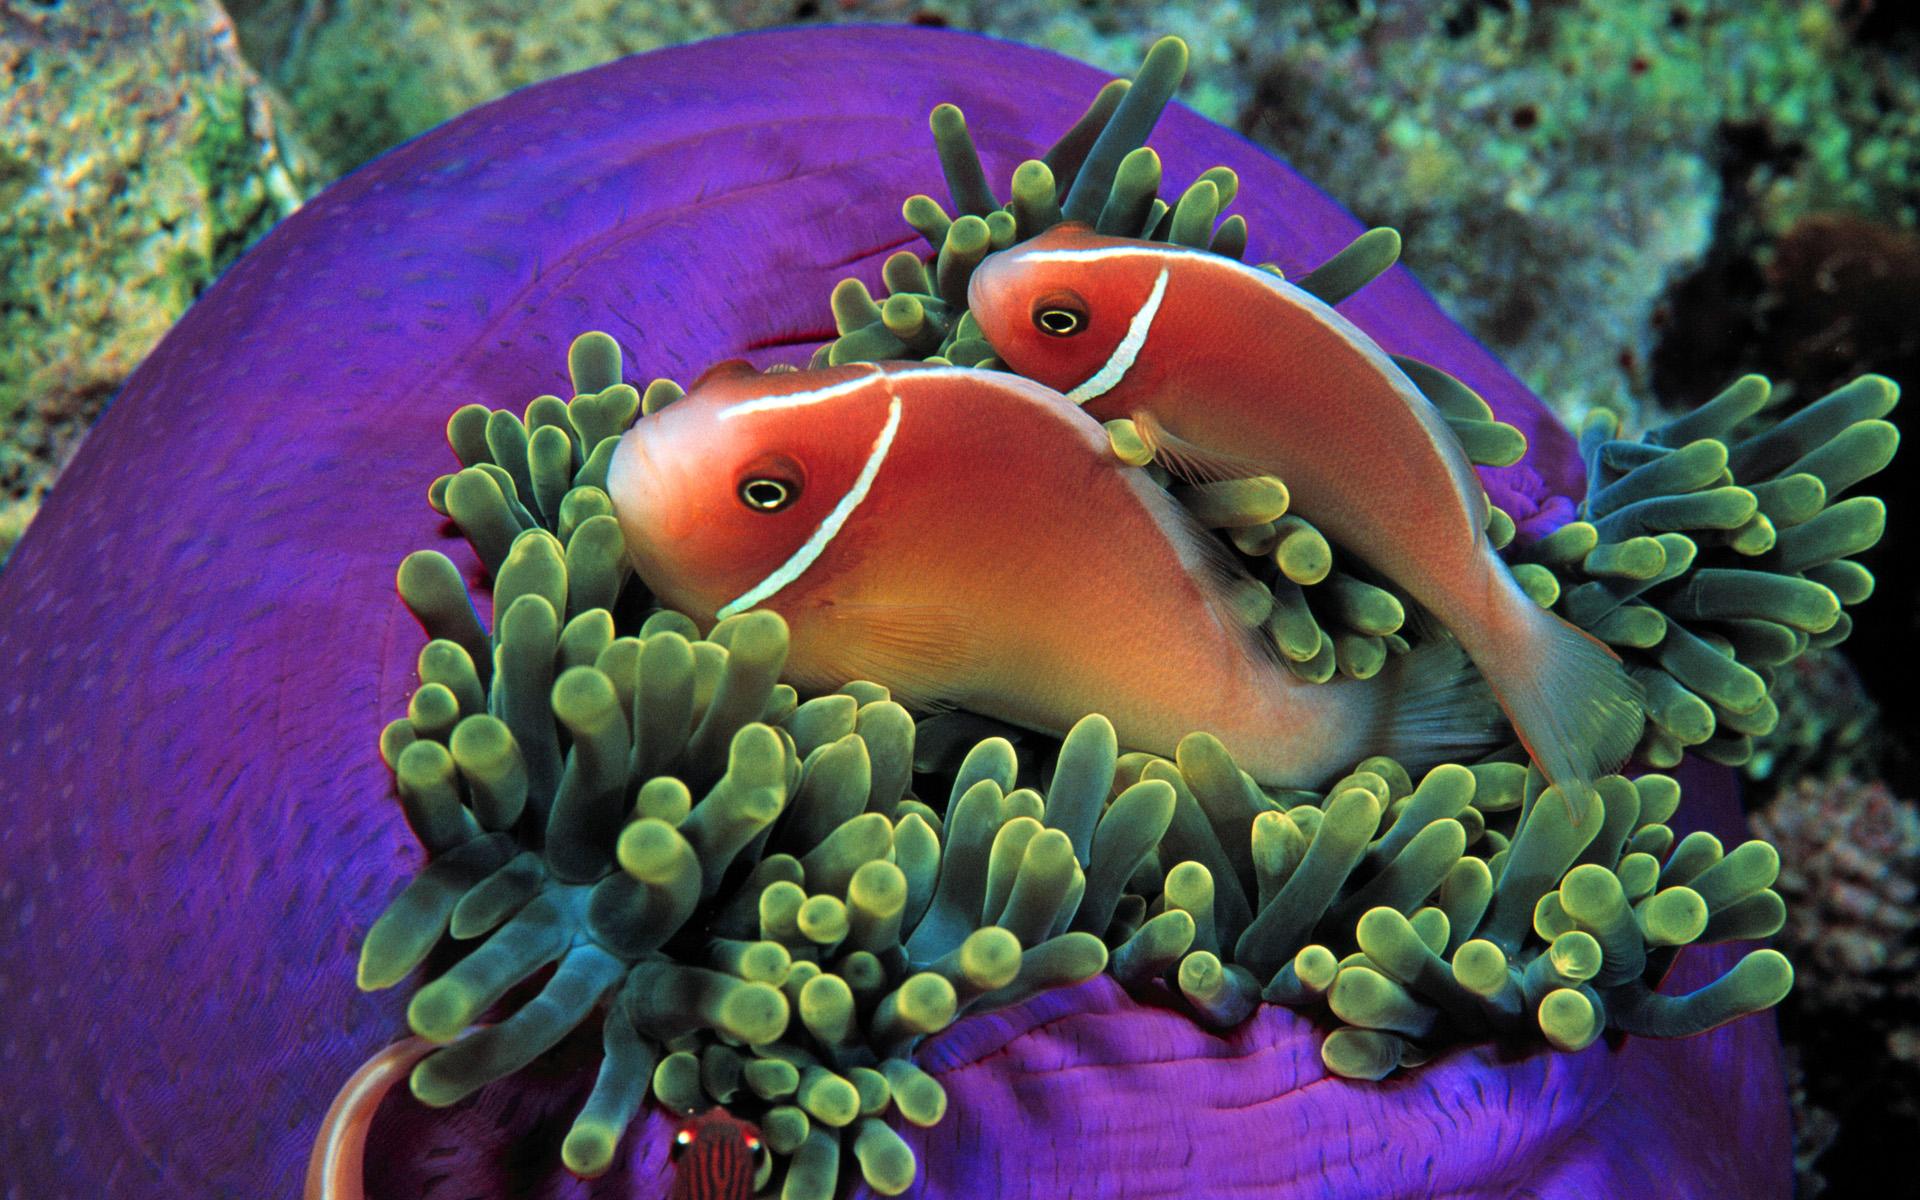 Tropical Fish Everybodys Favorites Wallpaper 37596558